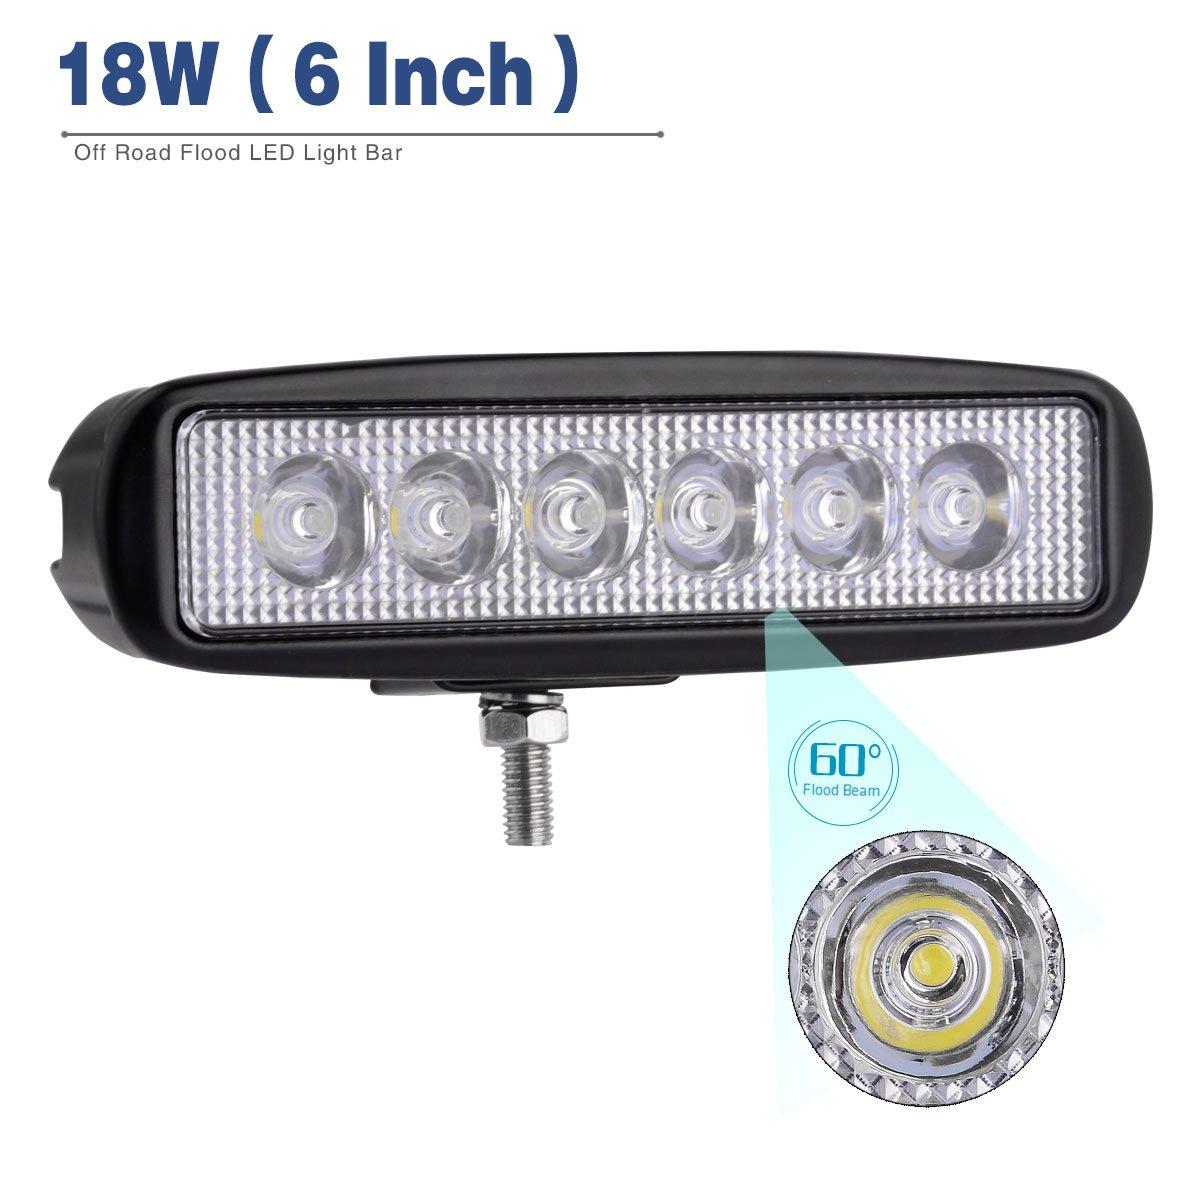 Amazon.com: YITAMOTOR LED Light Bar,2PCS 18W 6Inch Flood LED Work ...